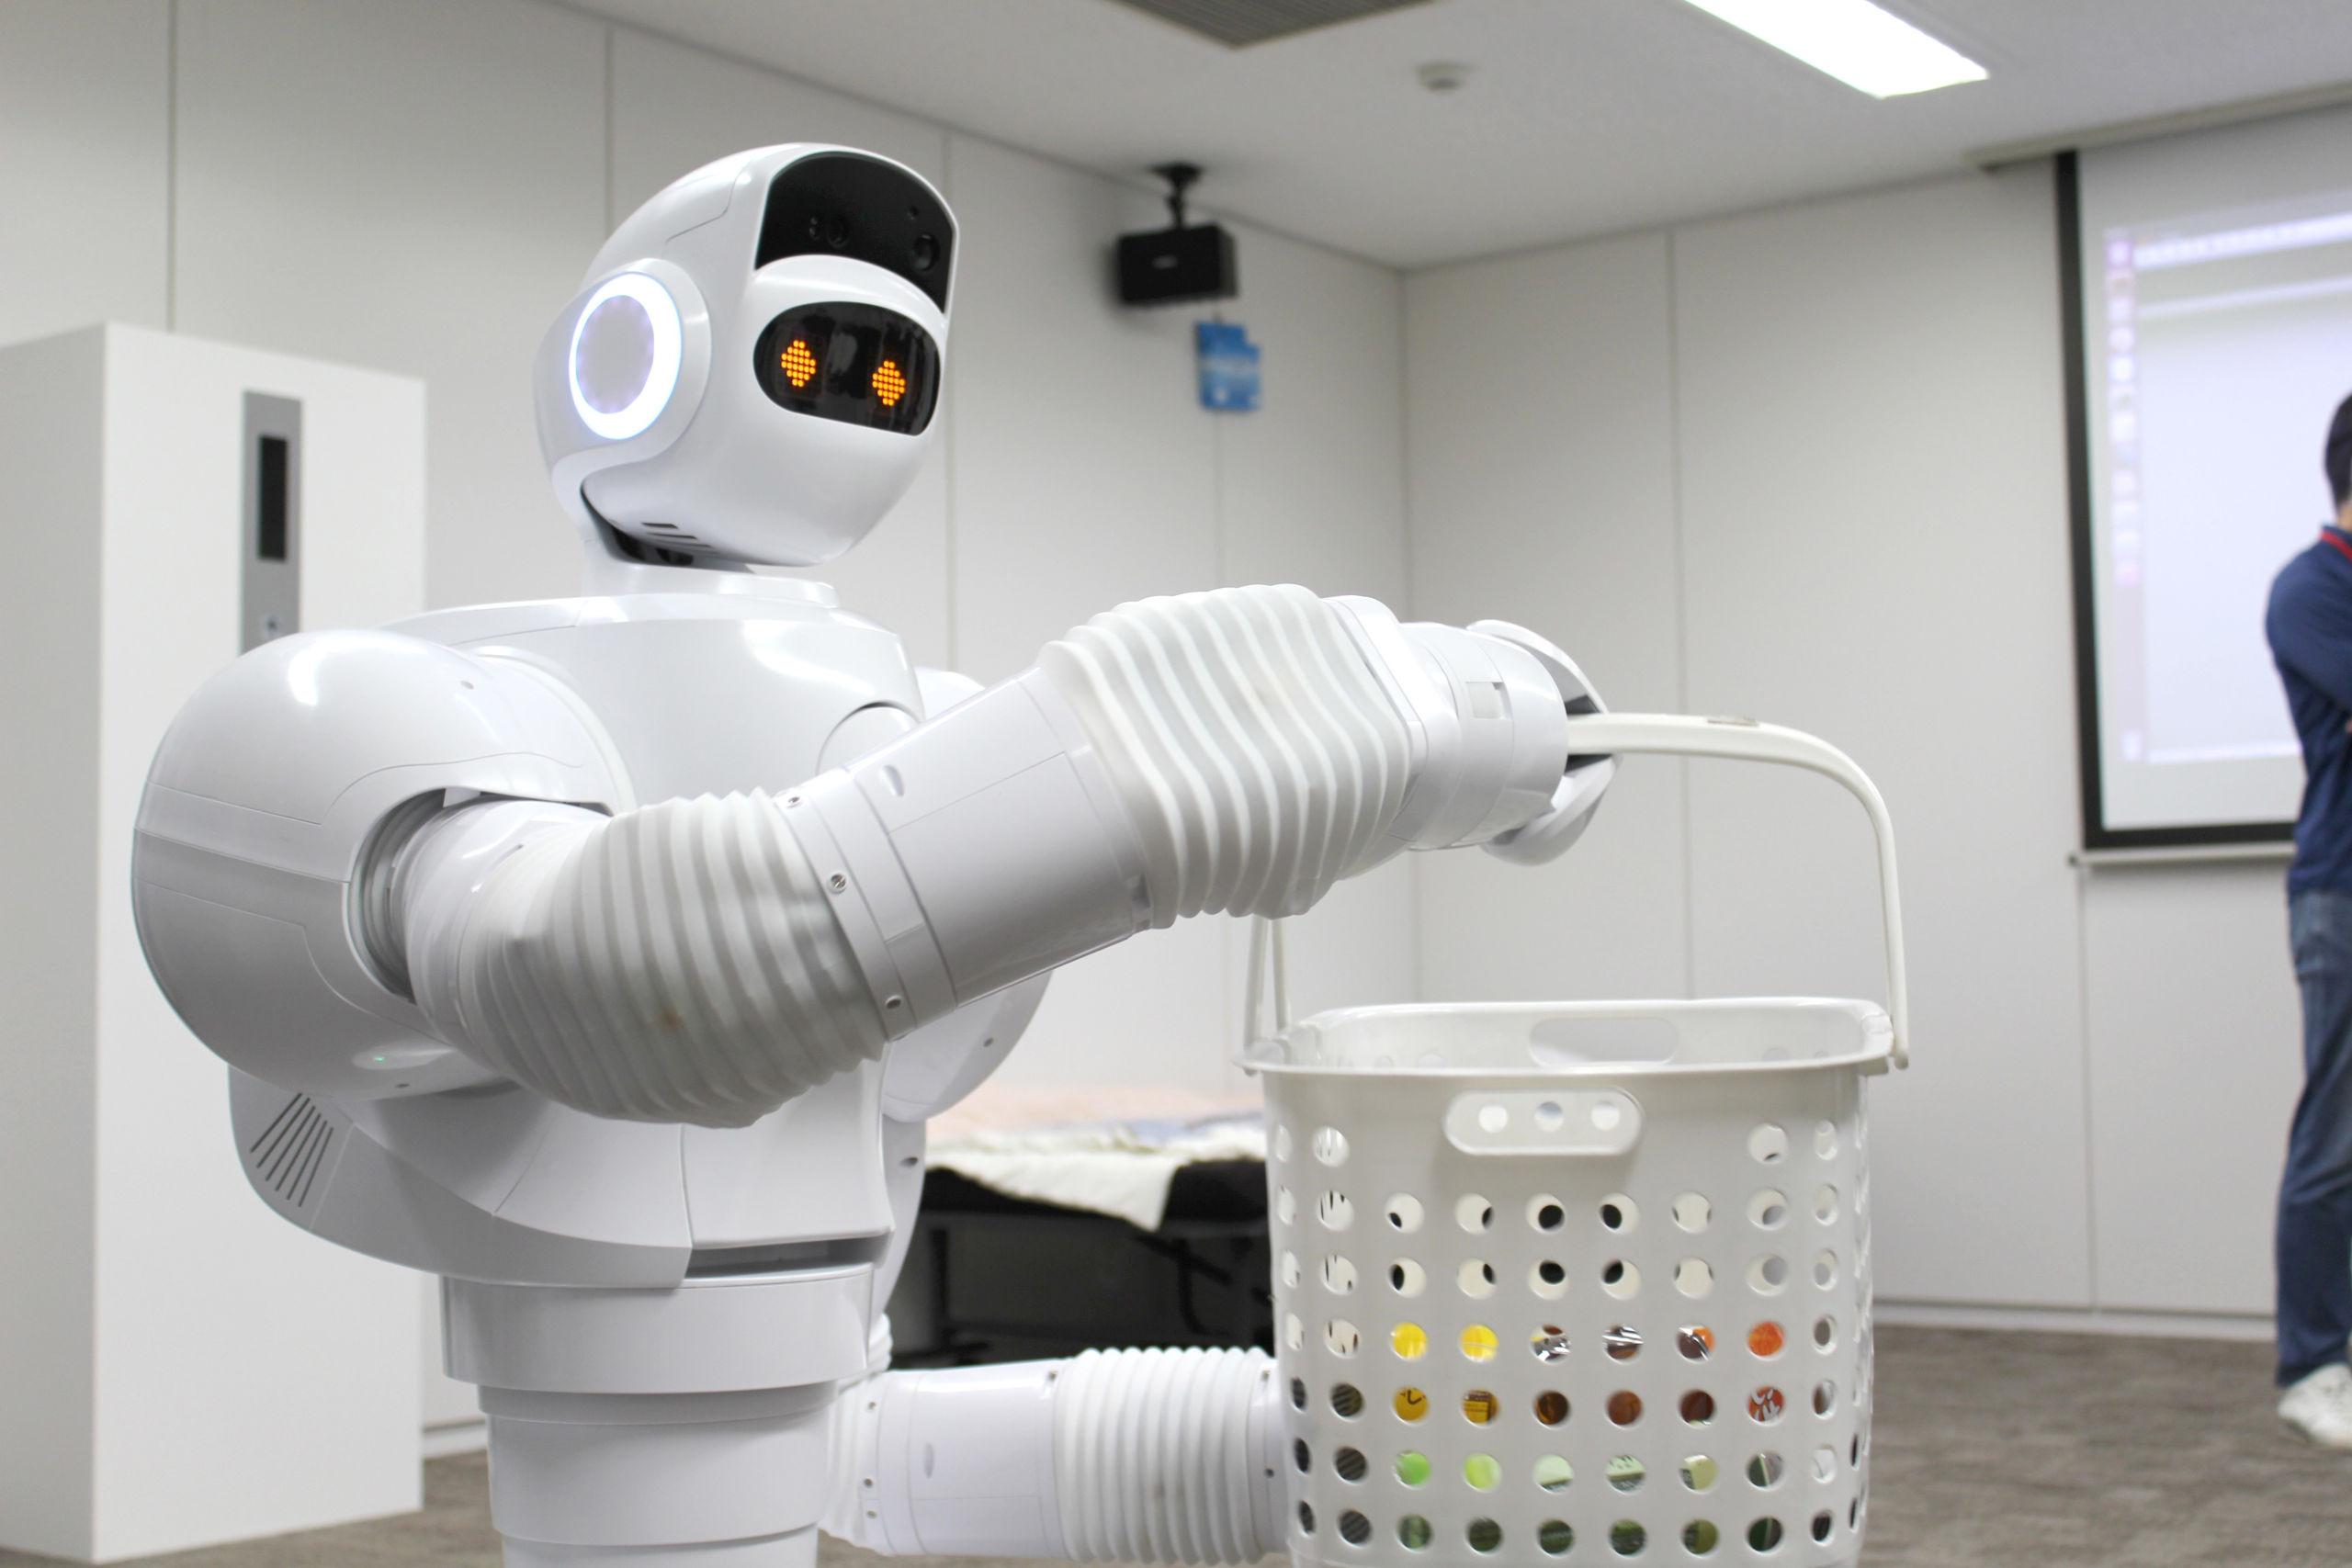 AI搭載型ロボット「アイオロス・ロボット」 学研グループ2社で本格導入開始